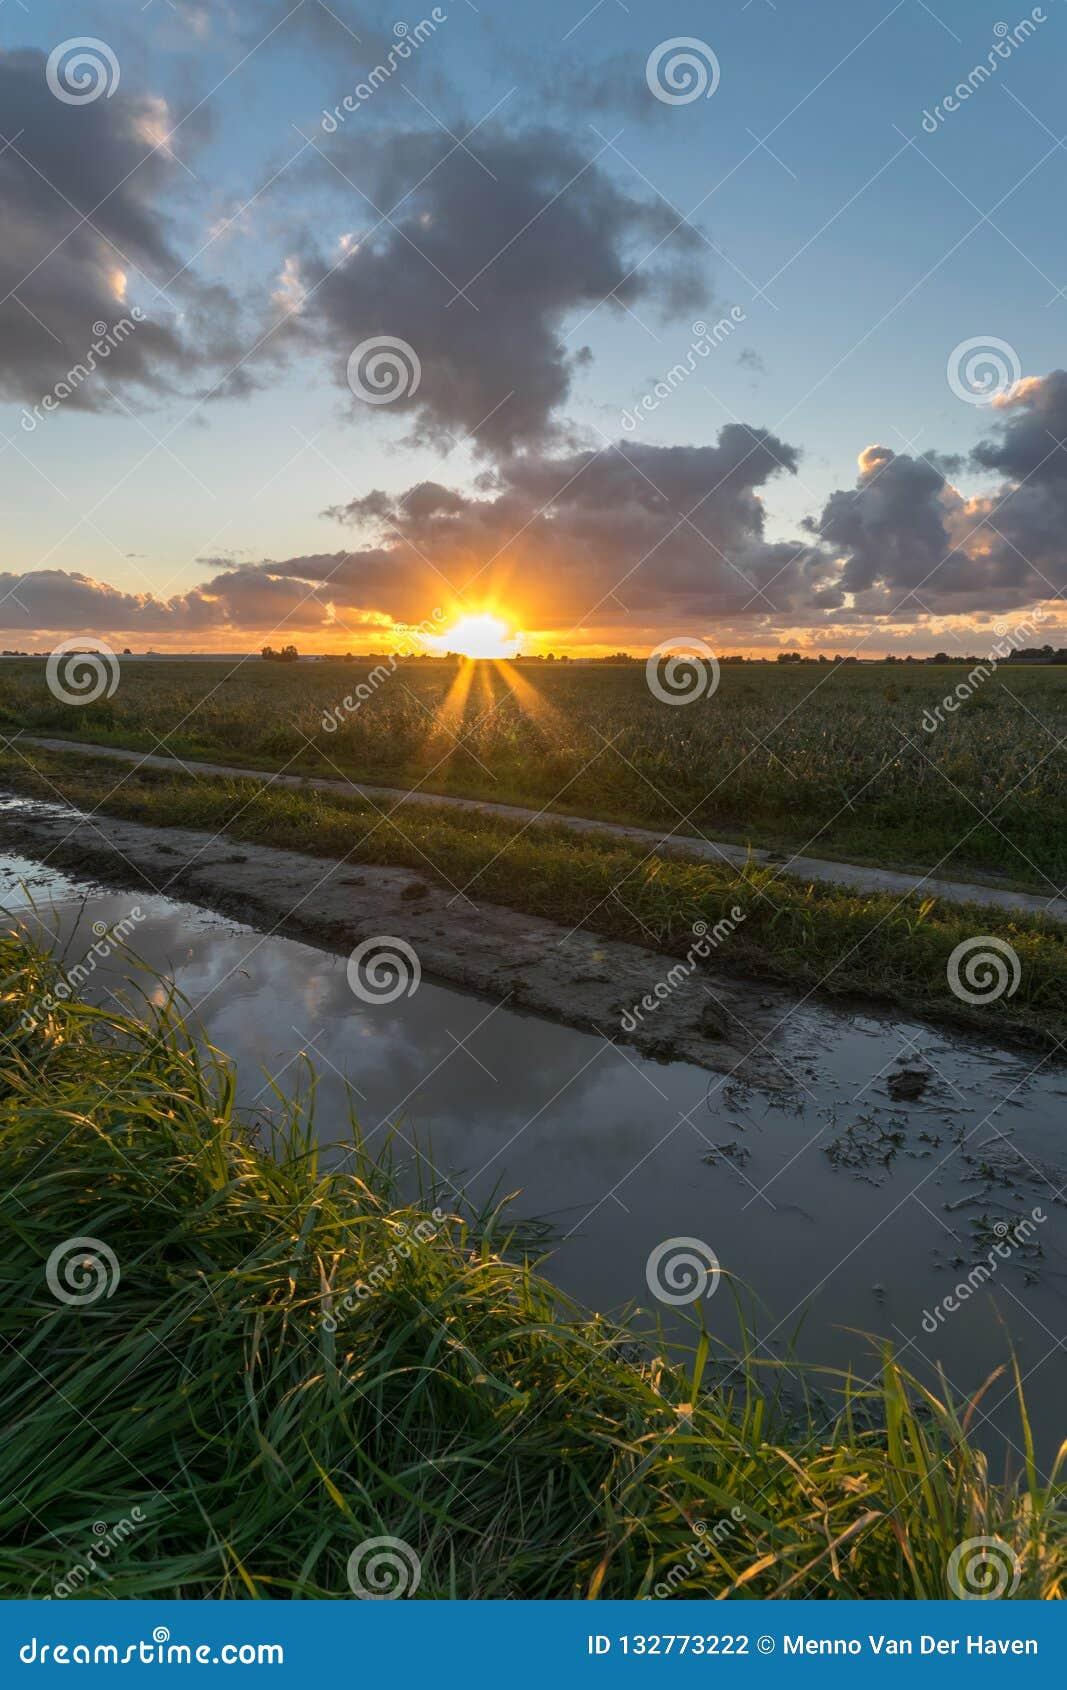 Под грядой облаков солнце устанавливает над голландской сельской местностью